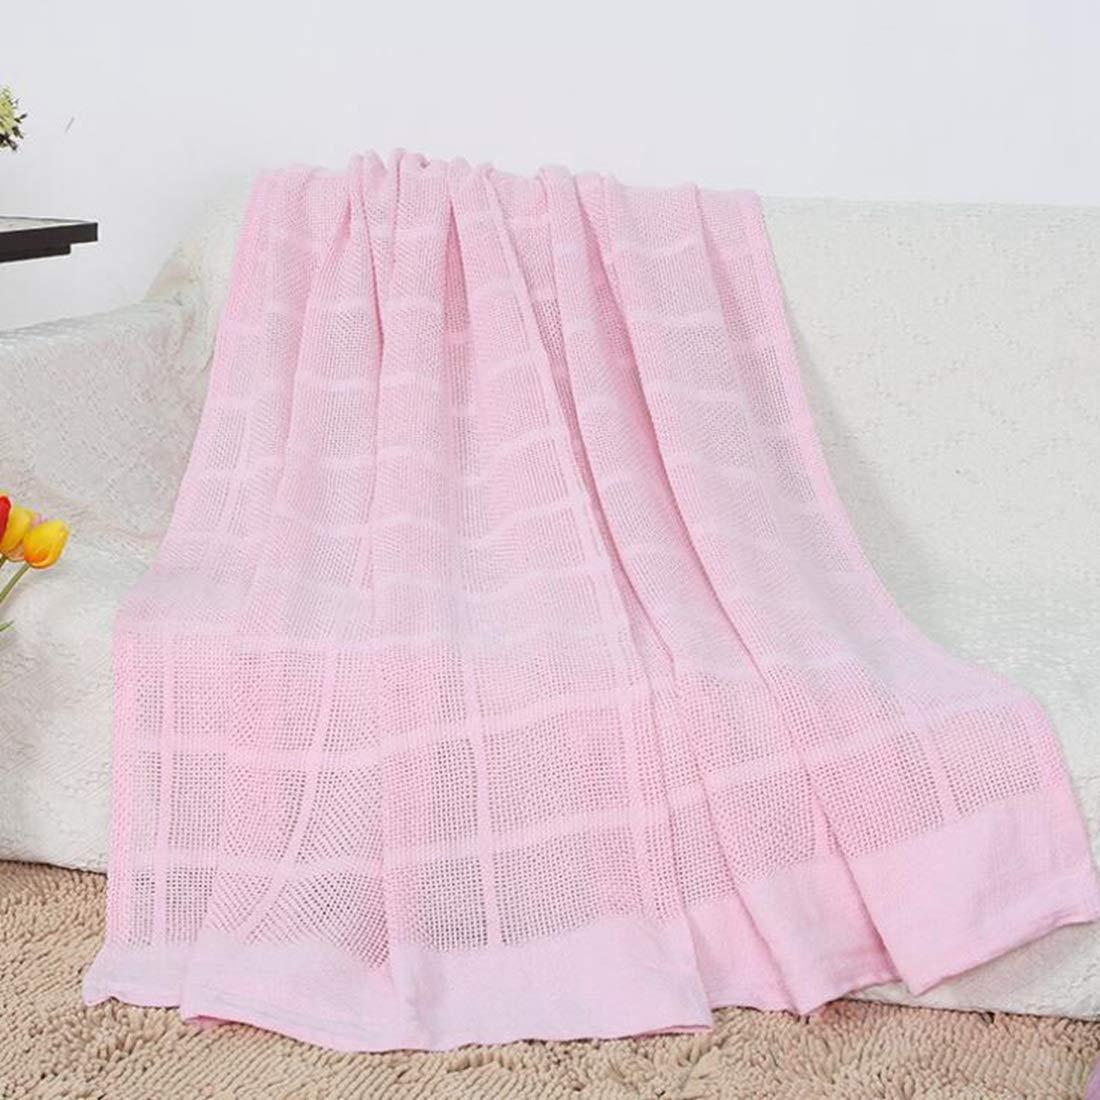 Nekovan 100%コットンバスケット製の織物は、どのベッドにもレイヤーを重ねることができ、何年にもわたって快適さと暖かさを提供します (Color : ピンク, サイズ : 71